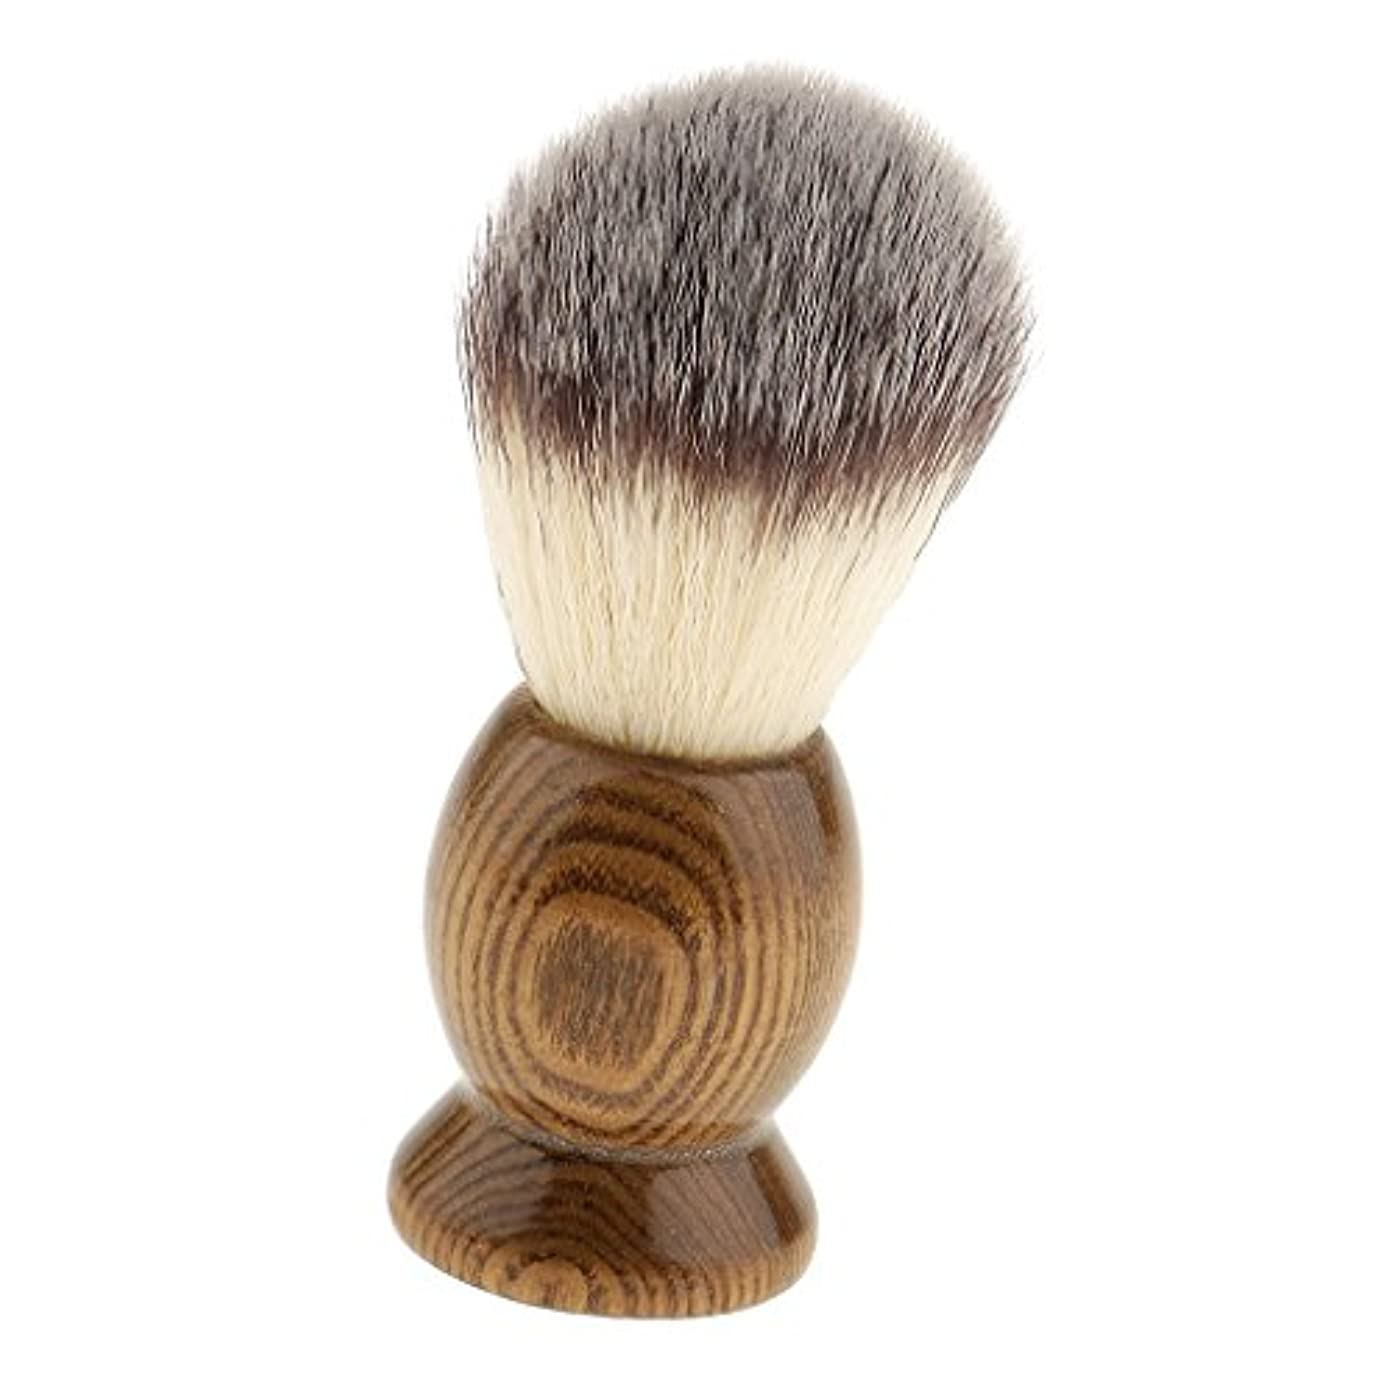 折る郵便番号豊富に髭剃りブラシ メンズ シェービングブラシ 泡立ち サロン 家庭 父の日 プレゼント 全5種類 - 5